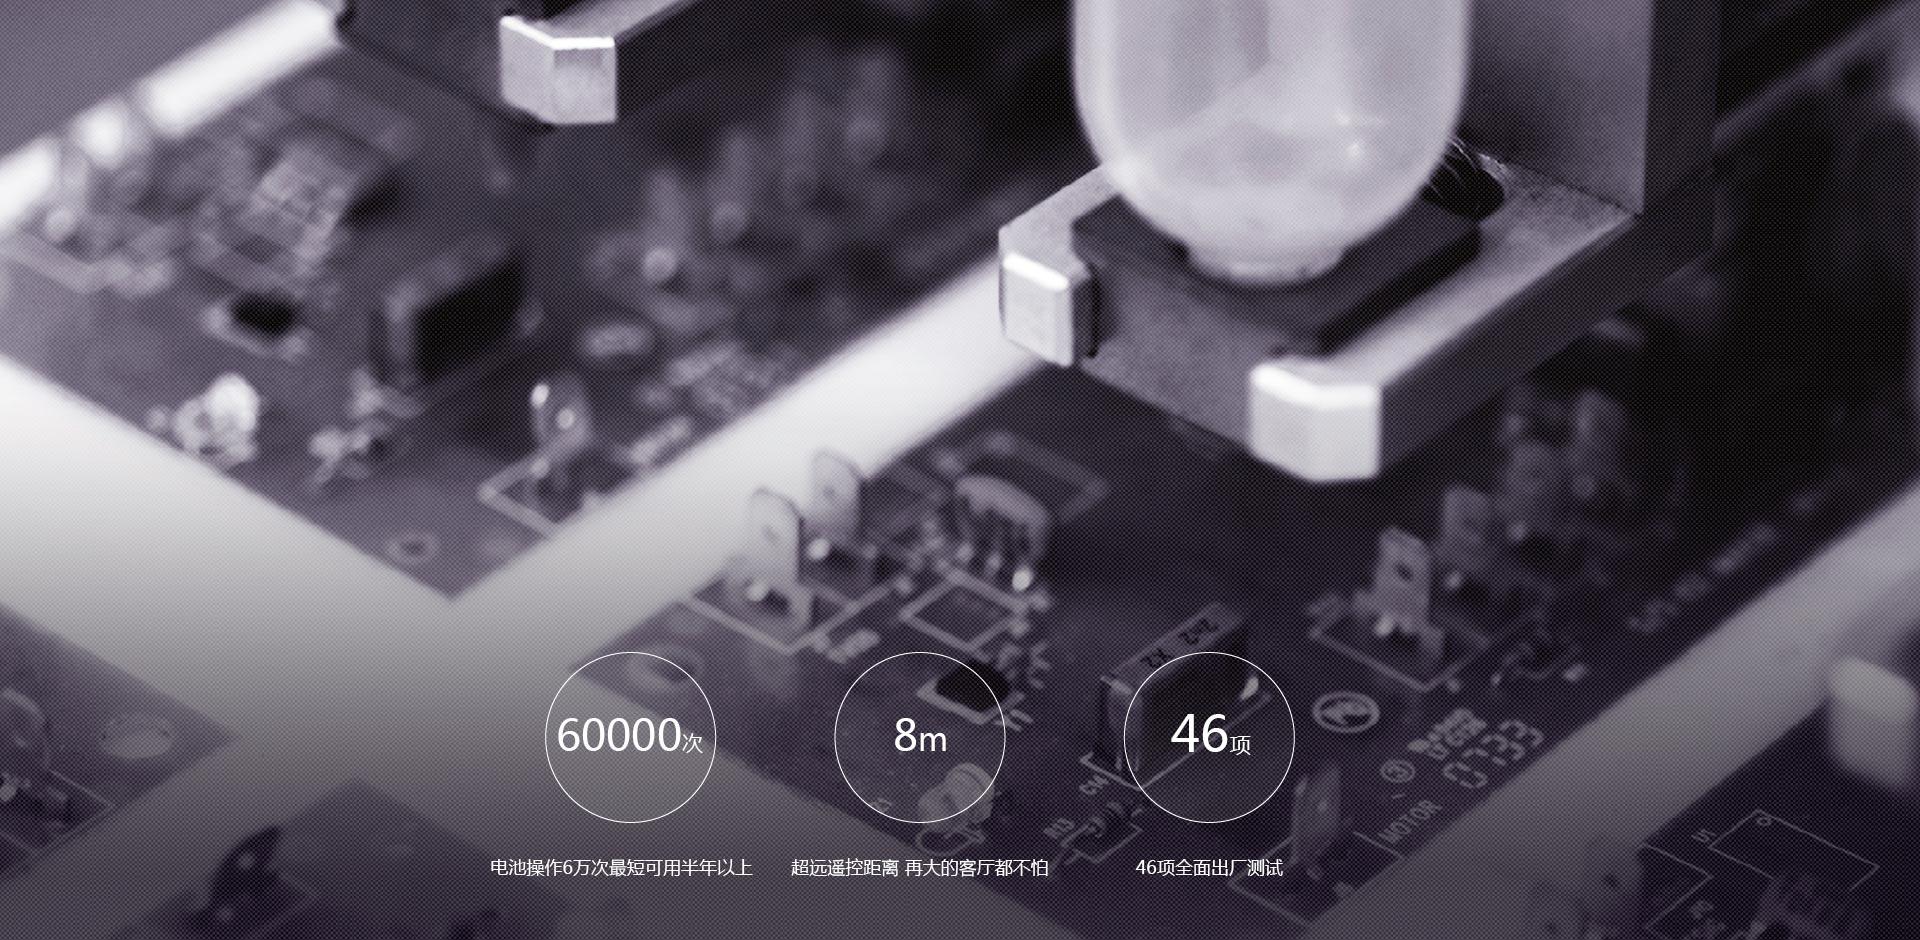 卓越品质冠绝业界-酷小白遥控器